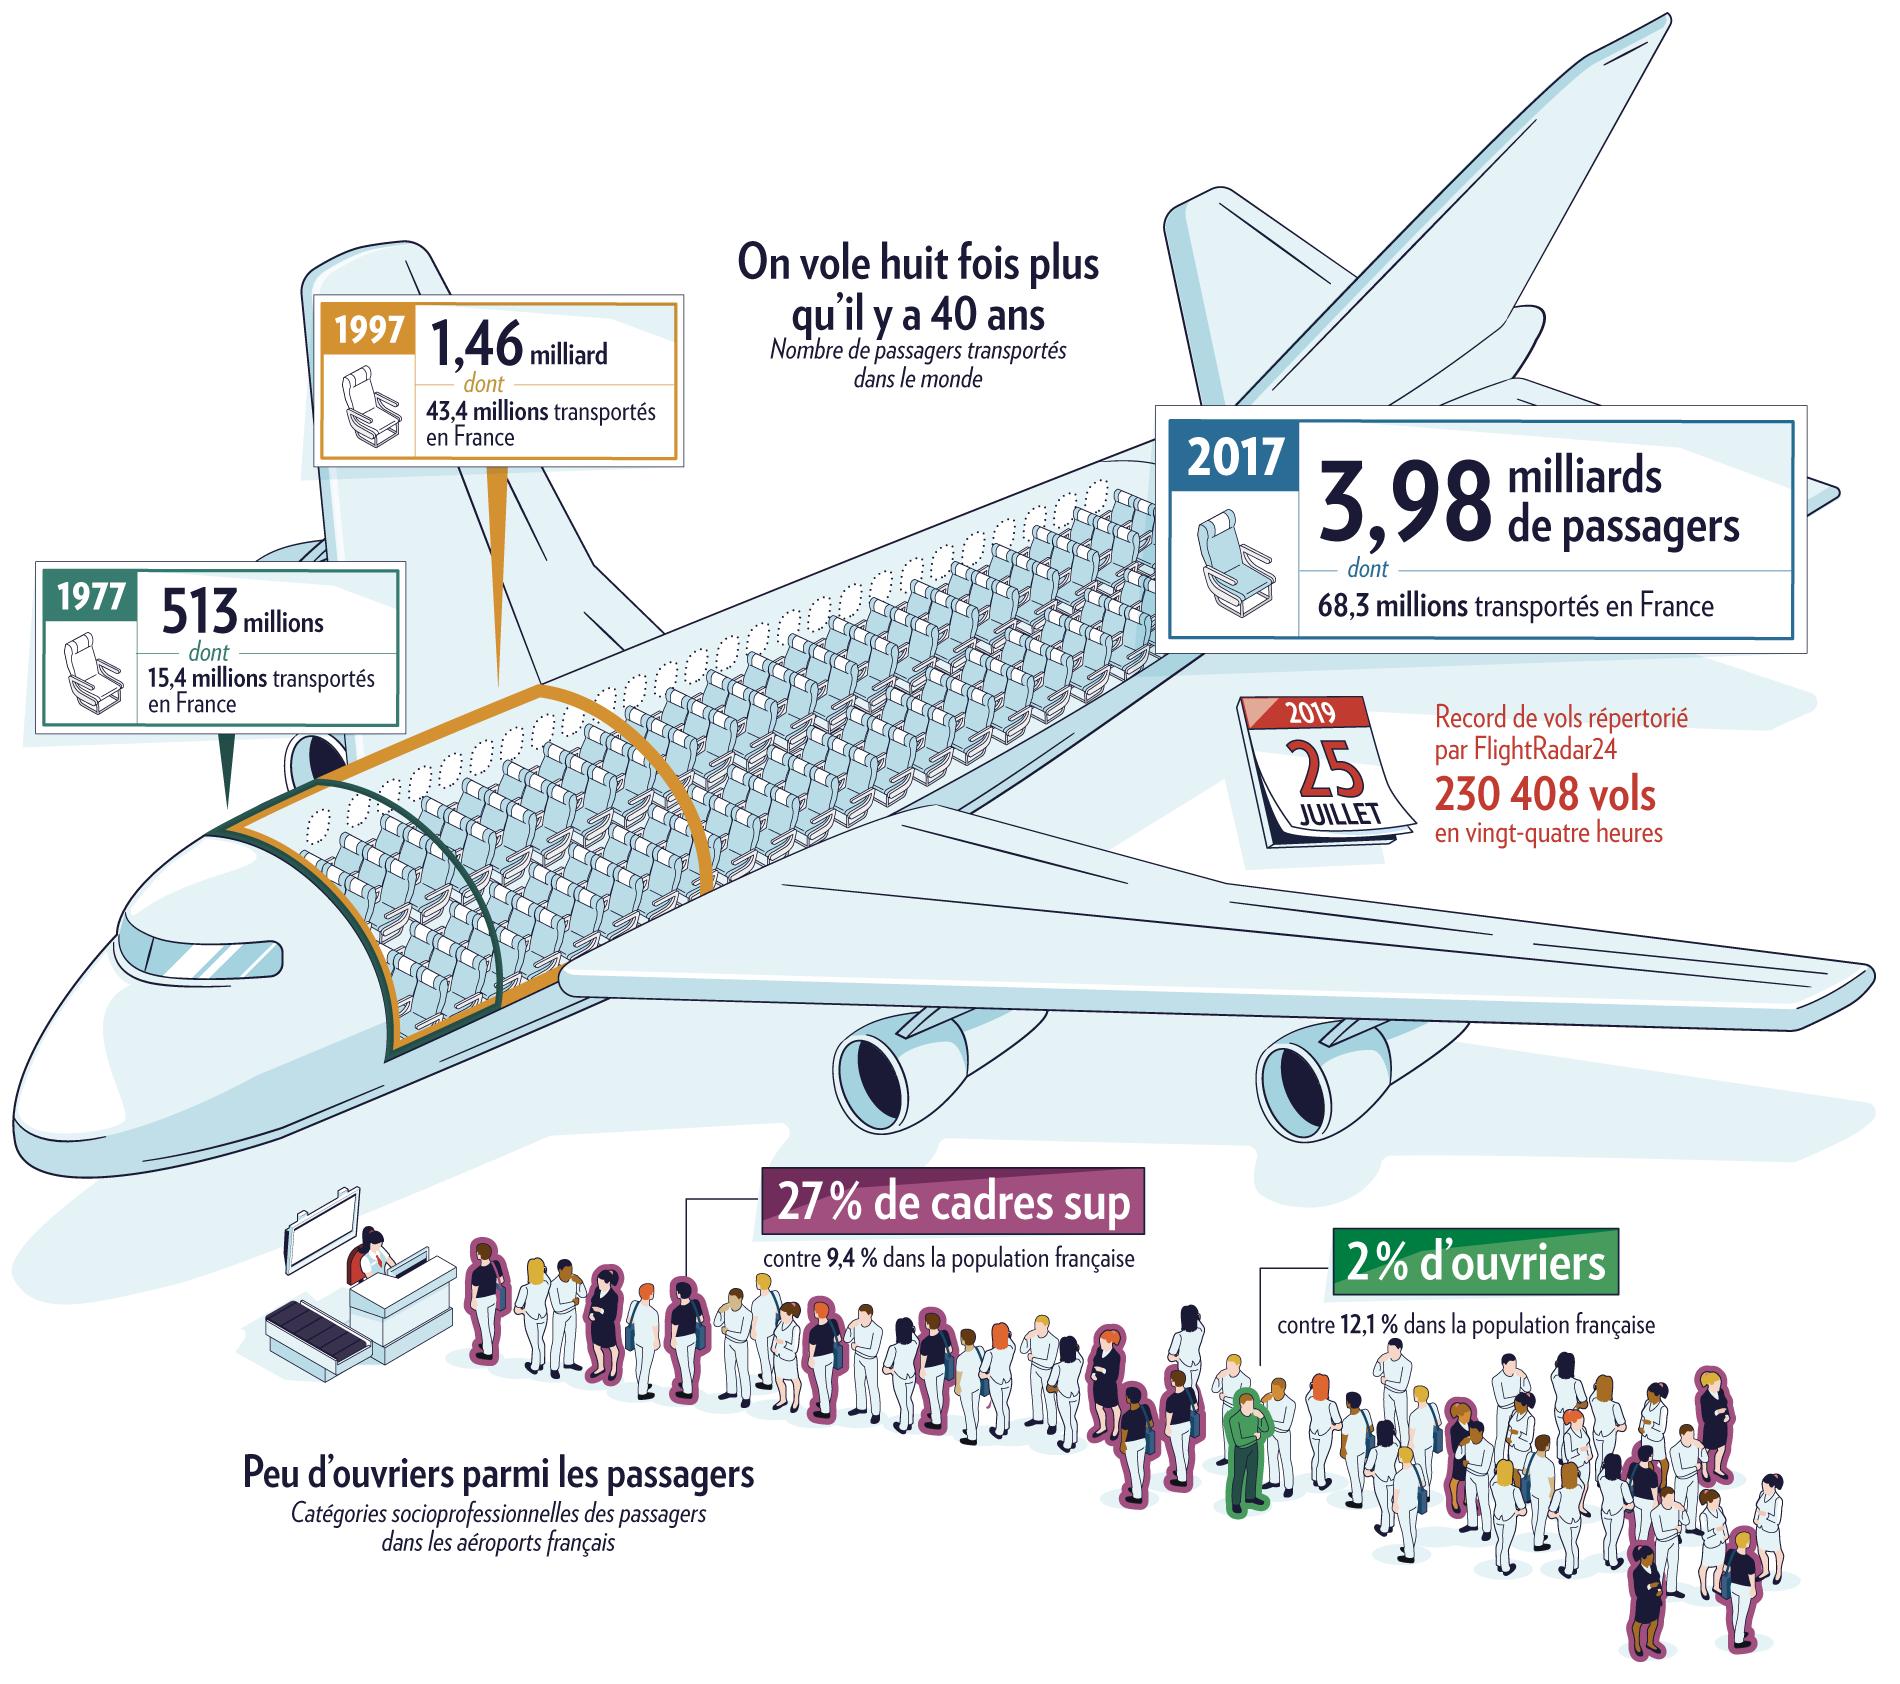 Sociologie des passagers aériens et nombre de passagers